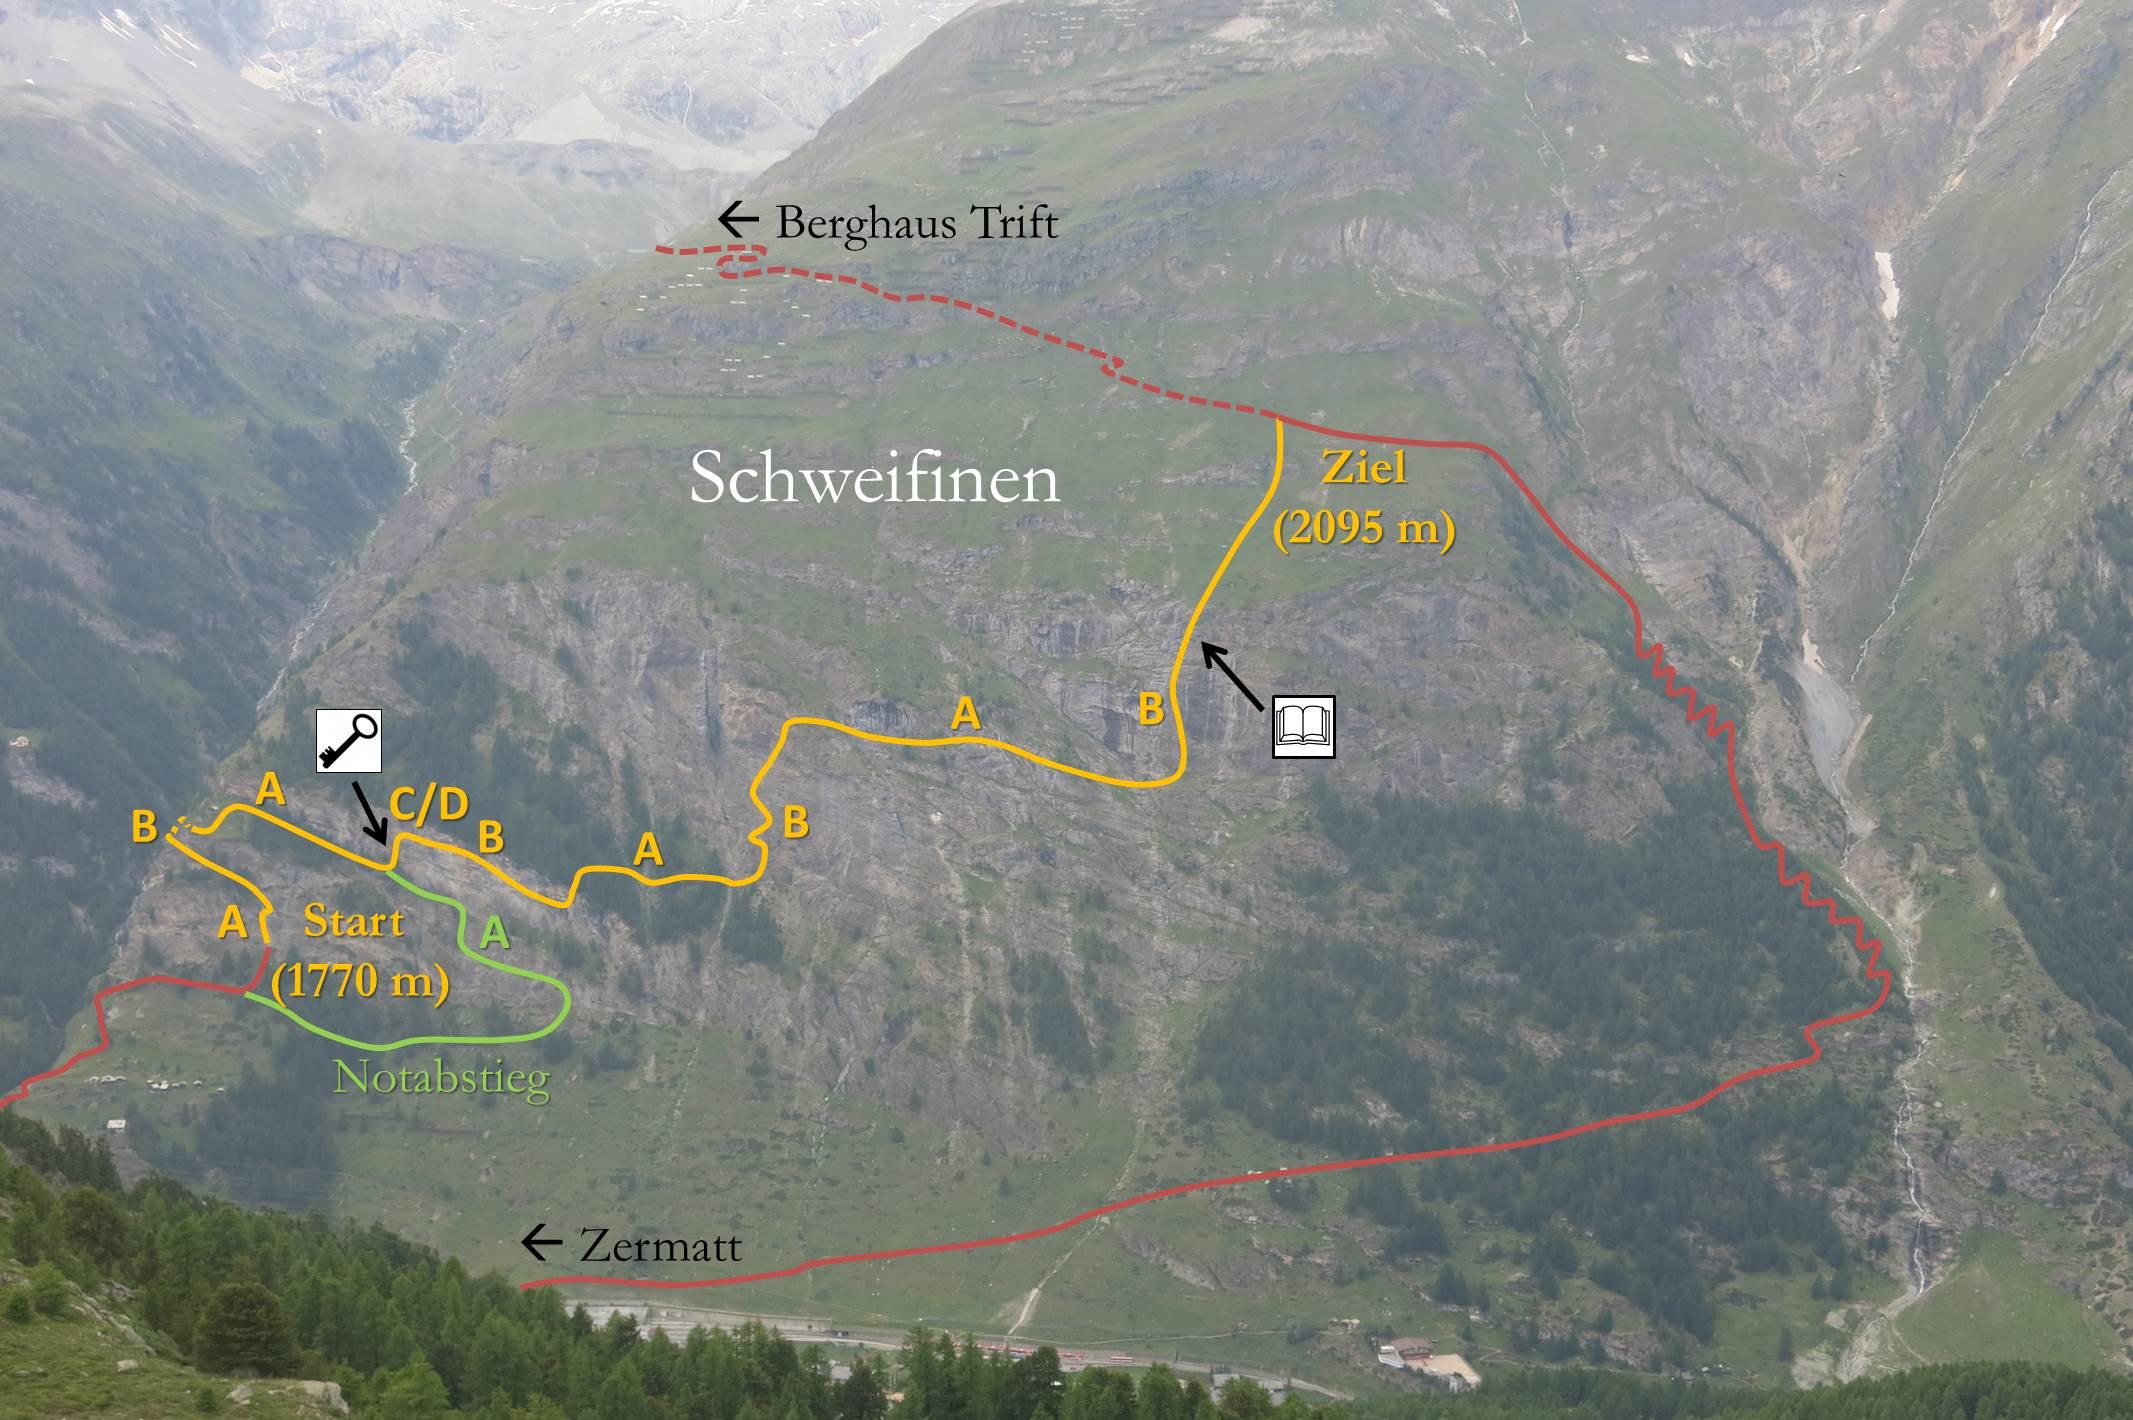 Klettersteig Map : Mammut klettersteig schweifine faszination hochtouren